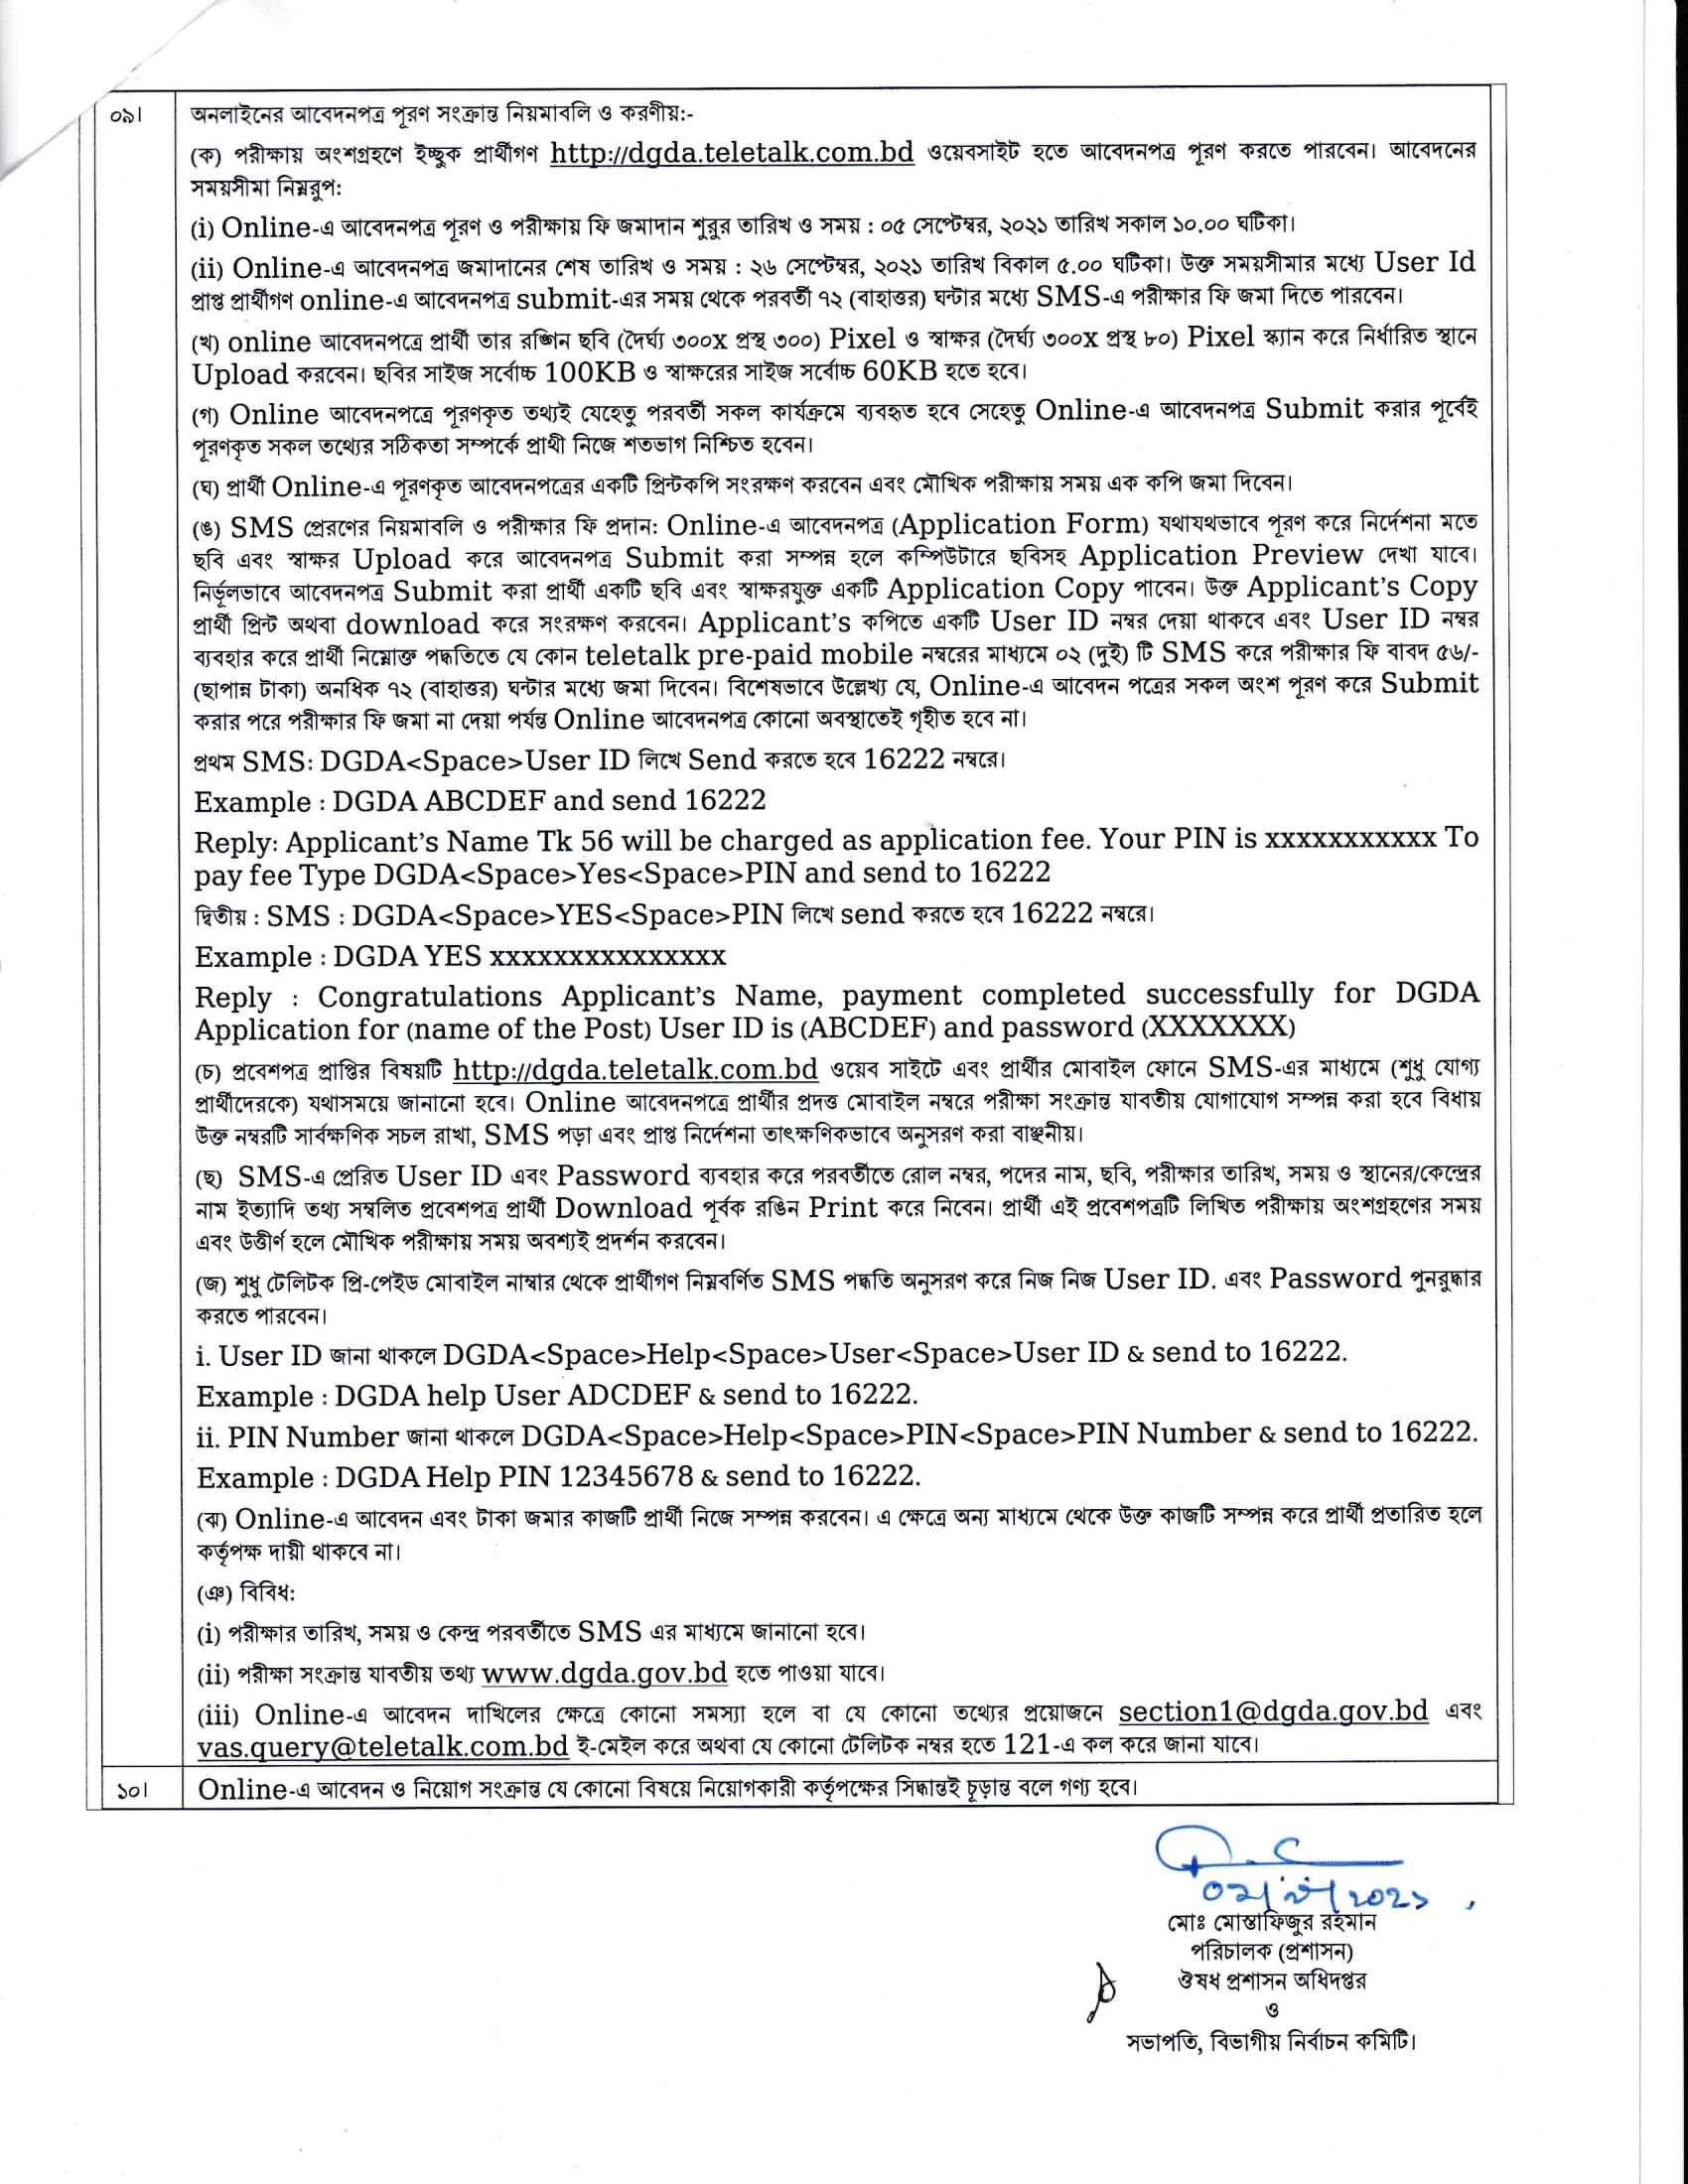 DGDA-Office-Sohayok-Circular-Employment-2021-PDF-2